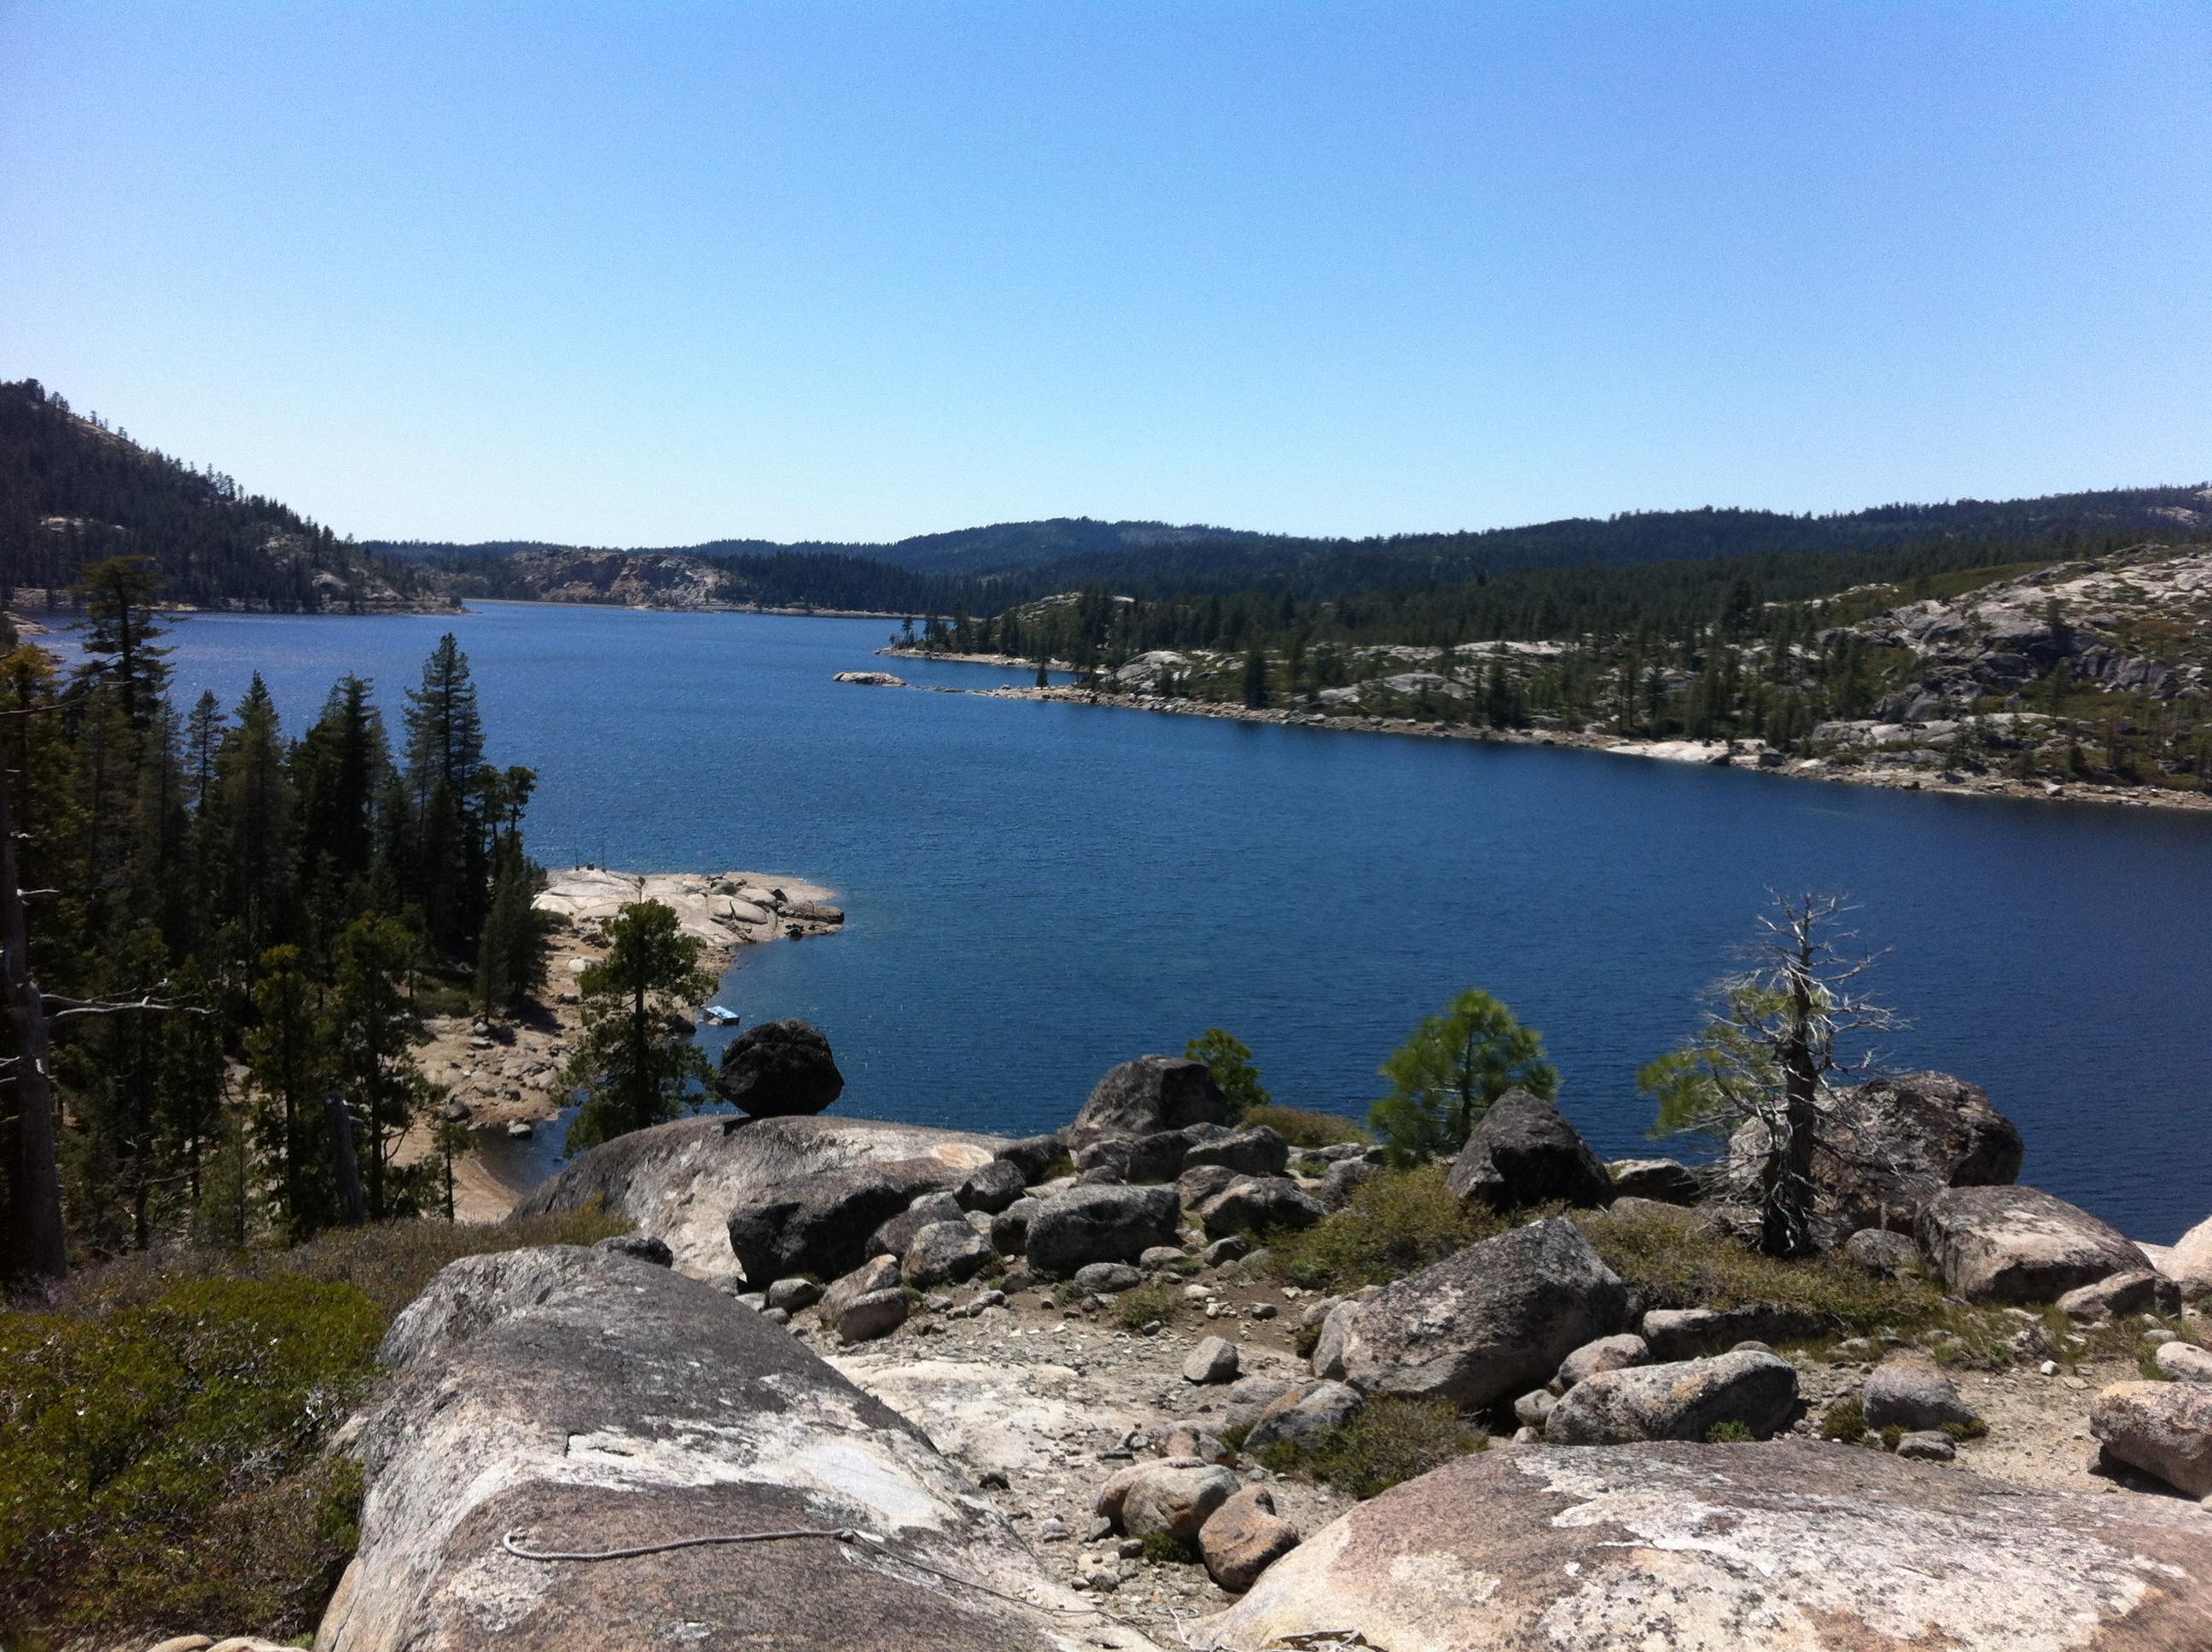 Lower Bear River Reservoir - Wikipedia